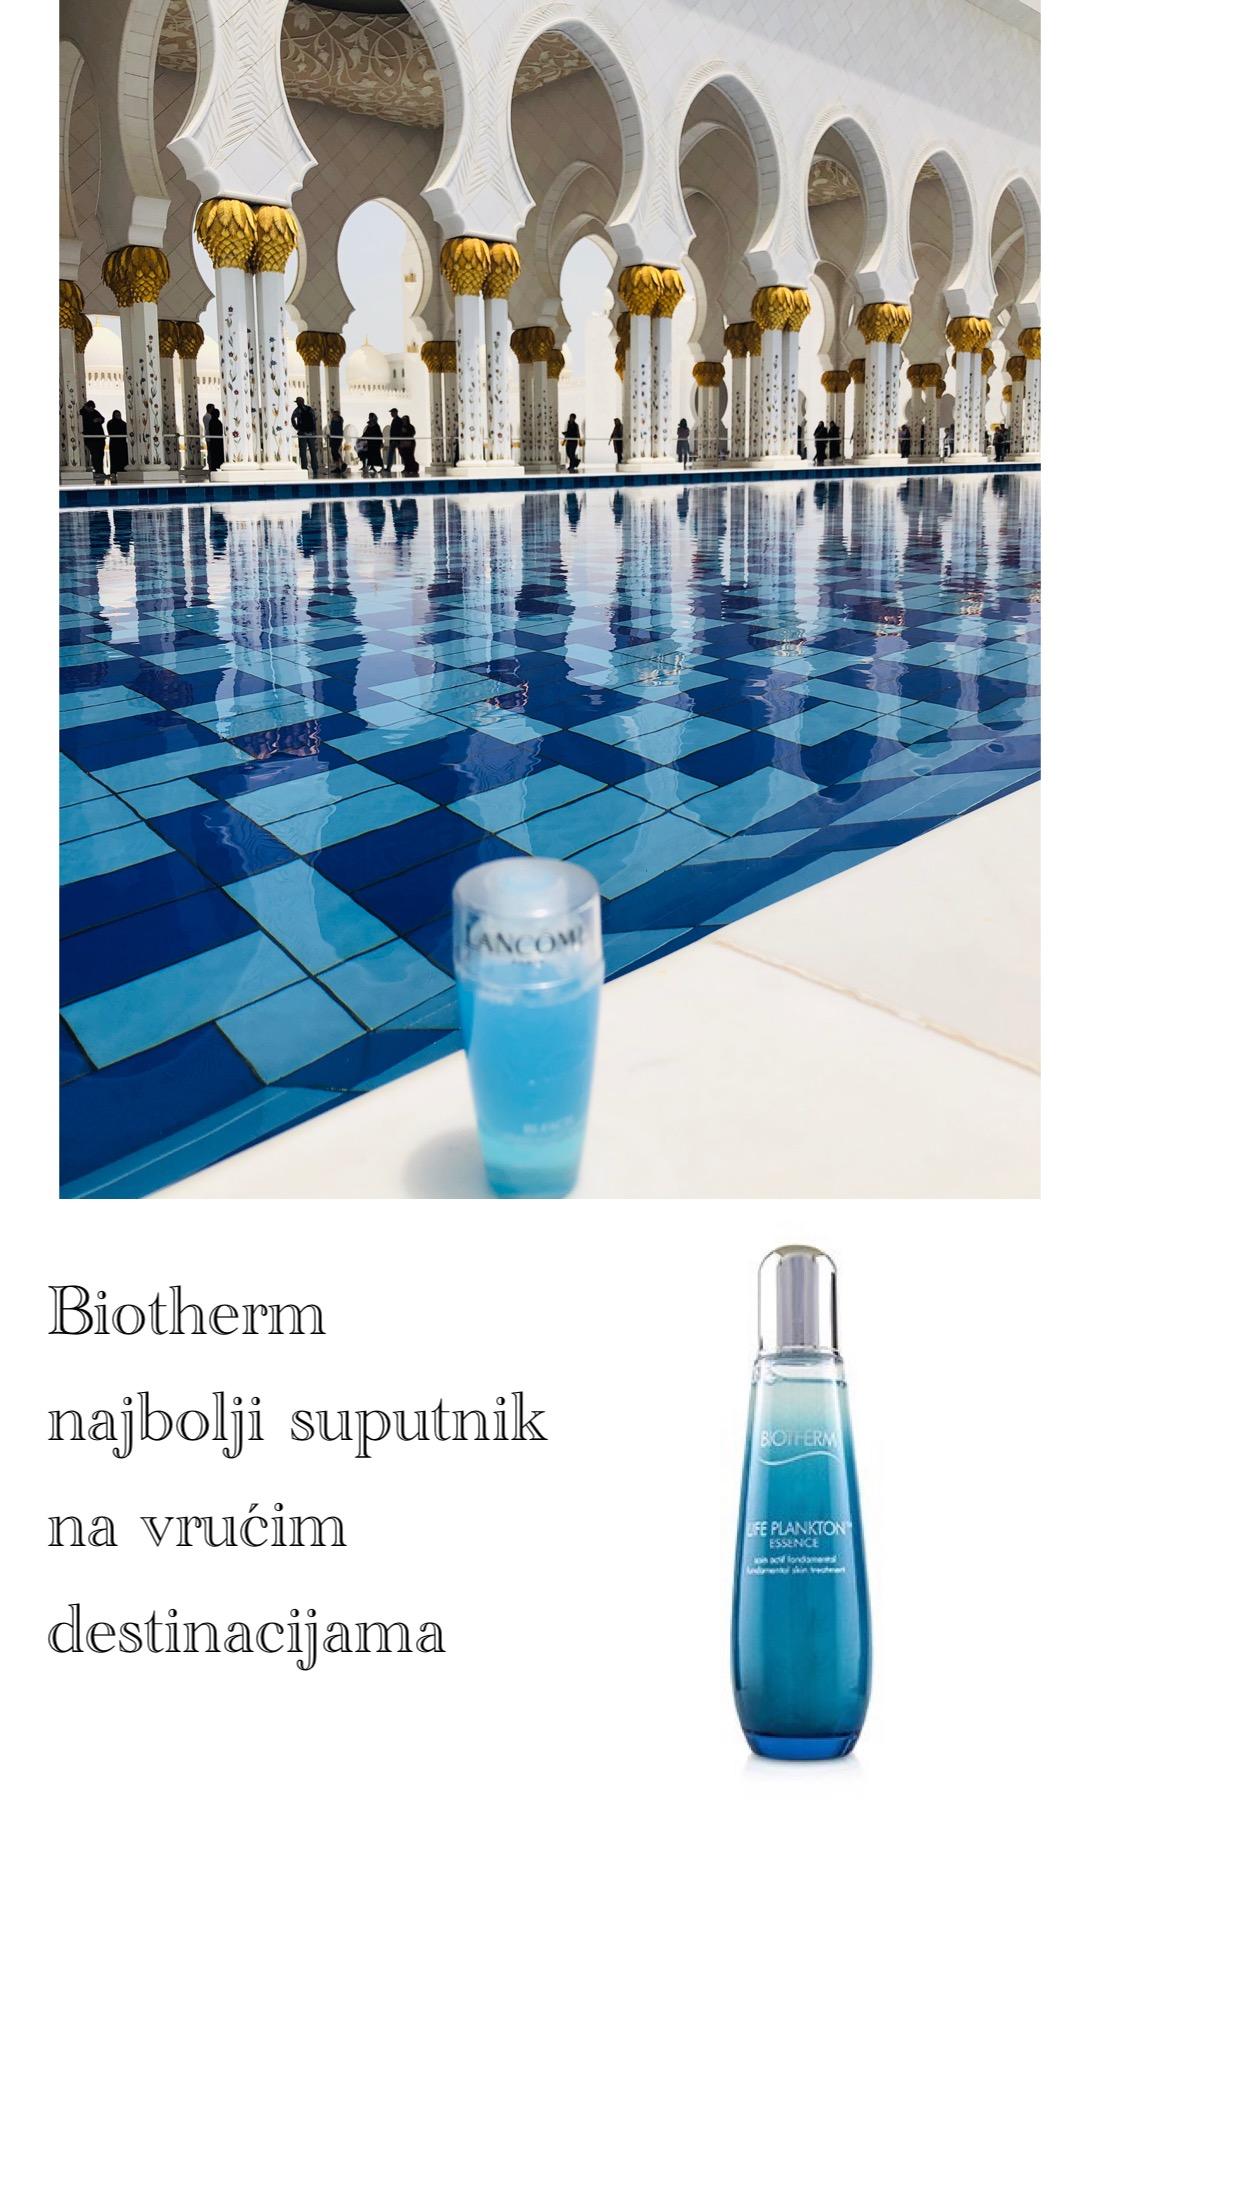 biotherm čistač šminke